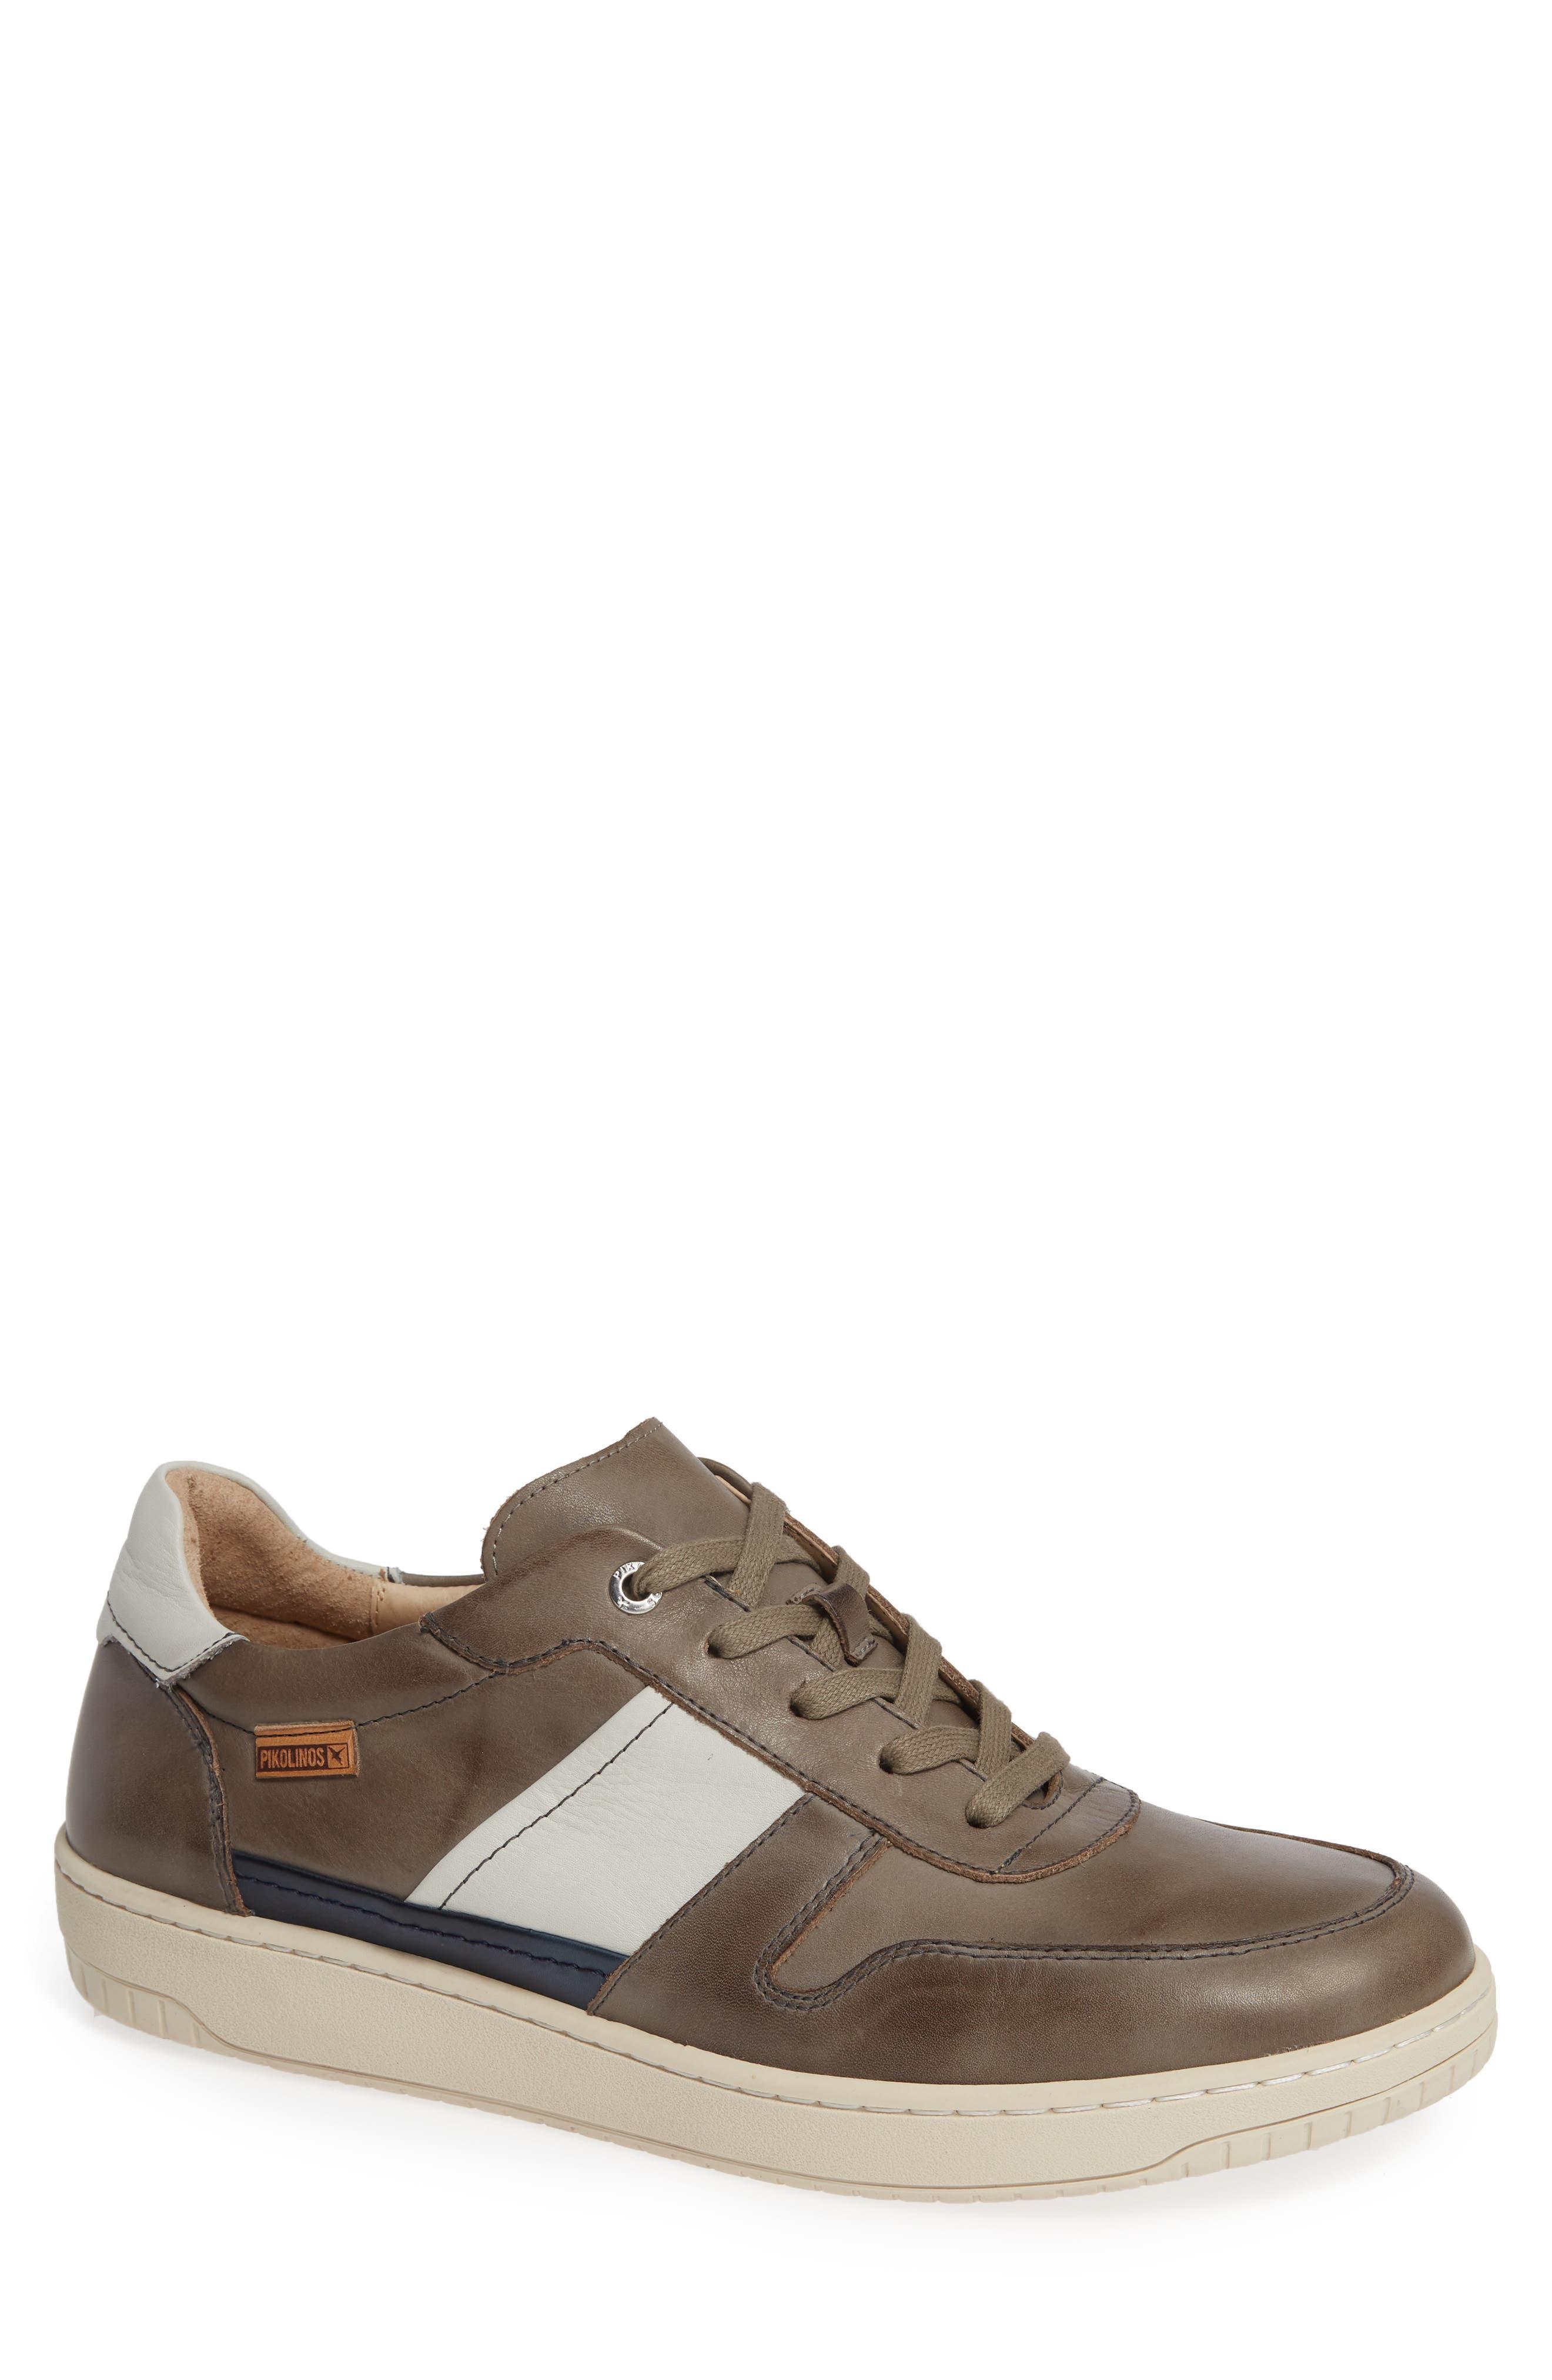 Corinto Sneaker,                             Main thumbnail 1, color,                             021